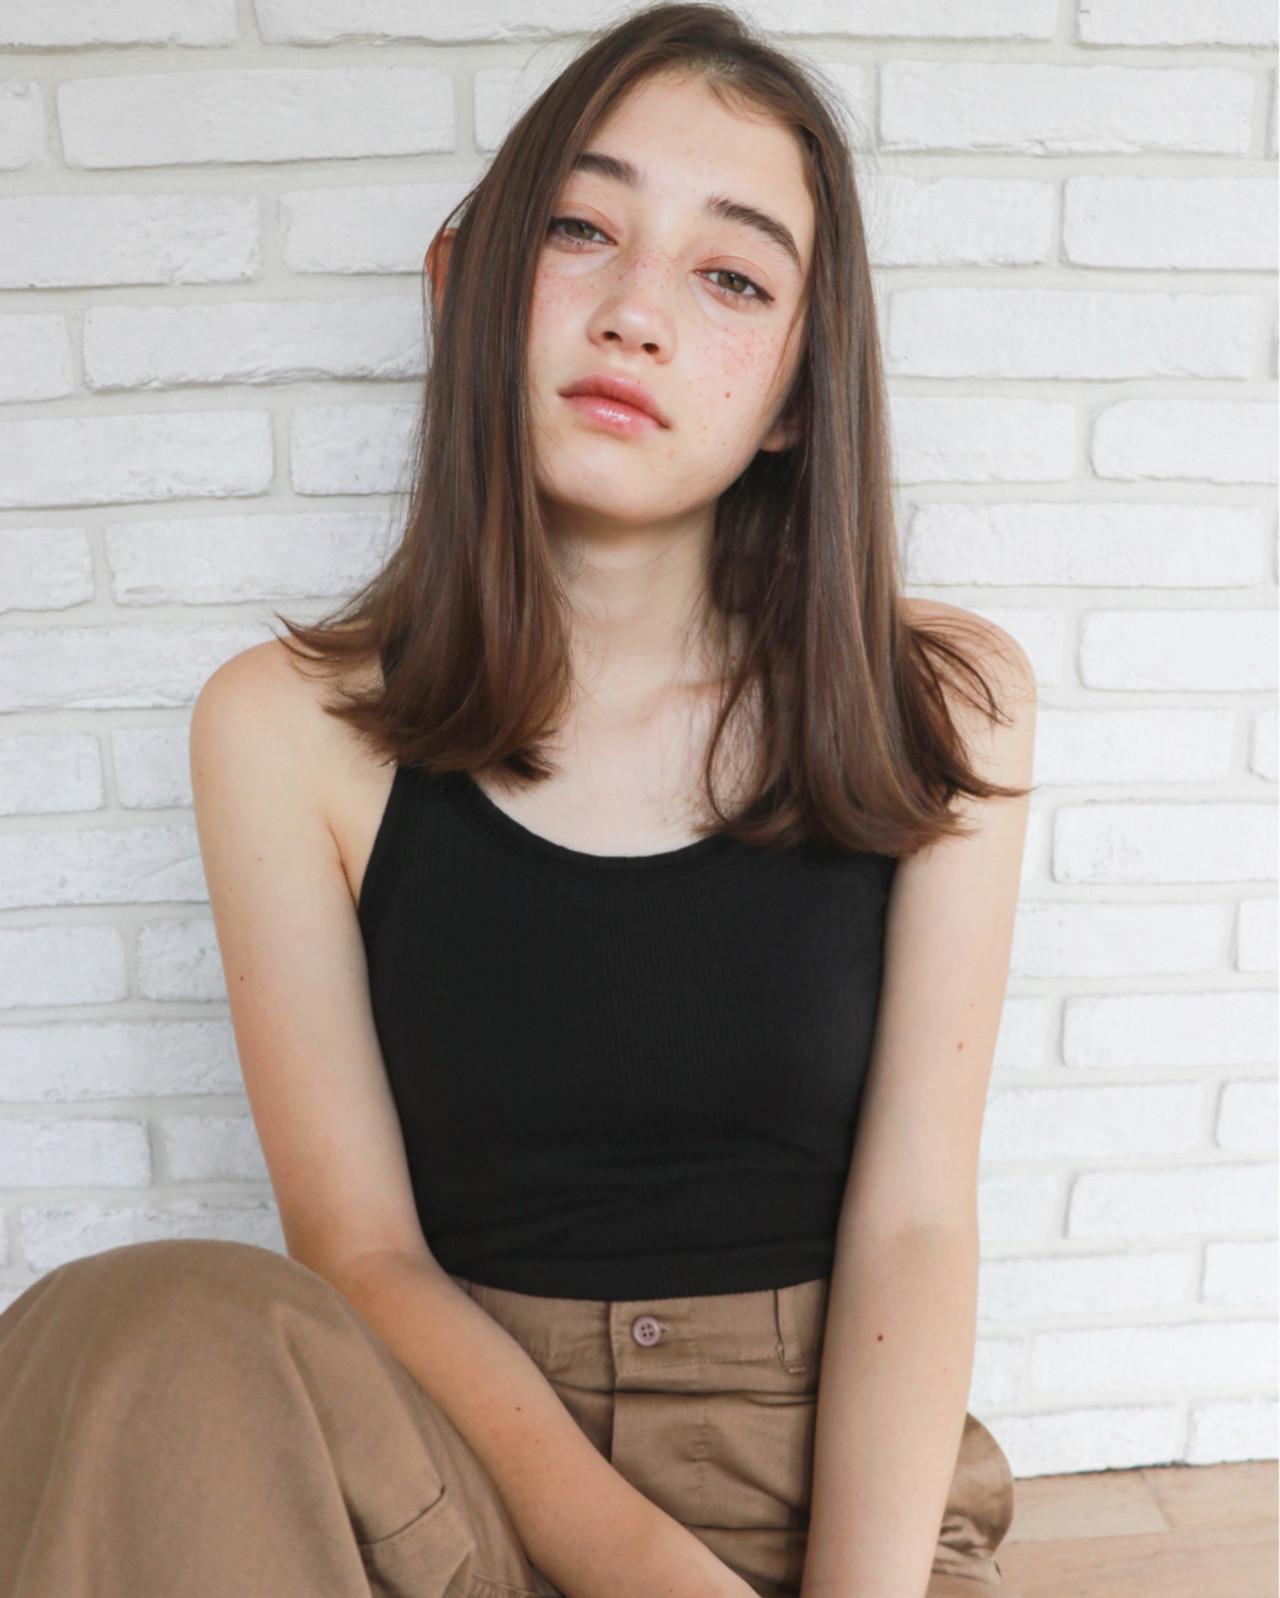 ミディアム ハンサム 女子会 かっこいい ヘアスタイルや髪型の写真・画像